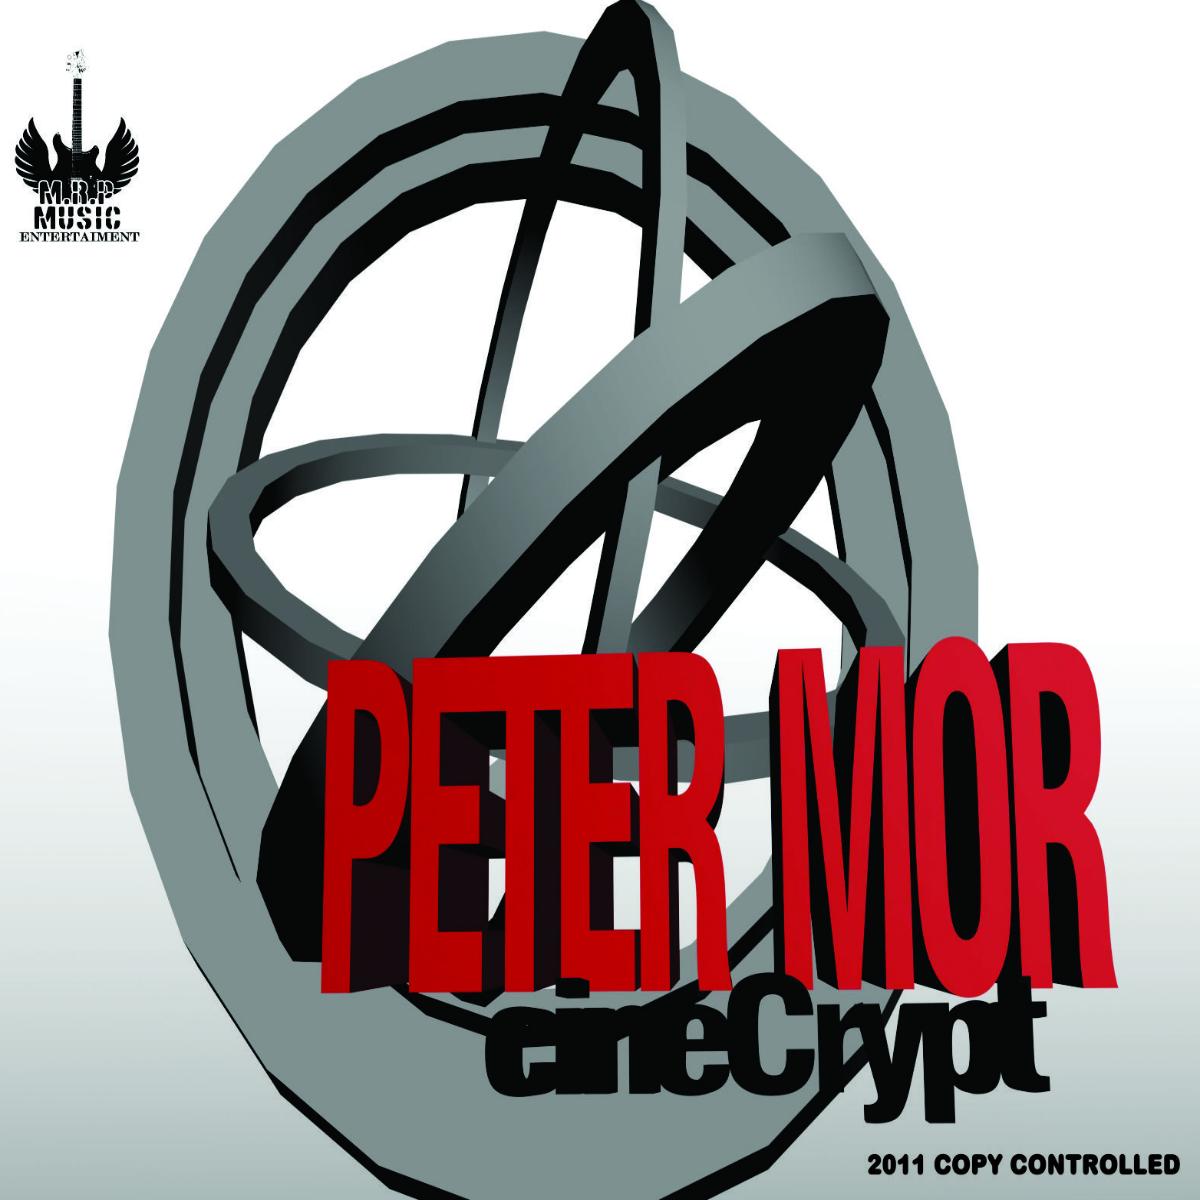 https://petermor.bandcamp.com/album/cinecrypt